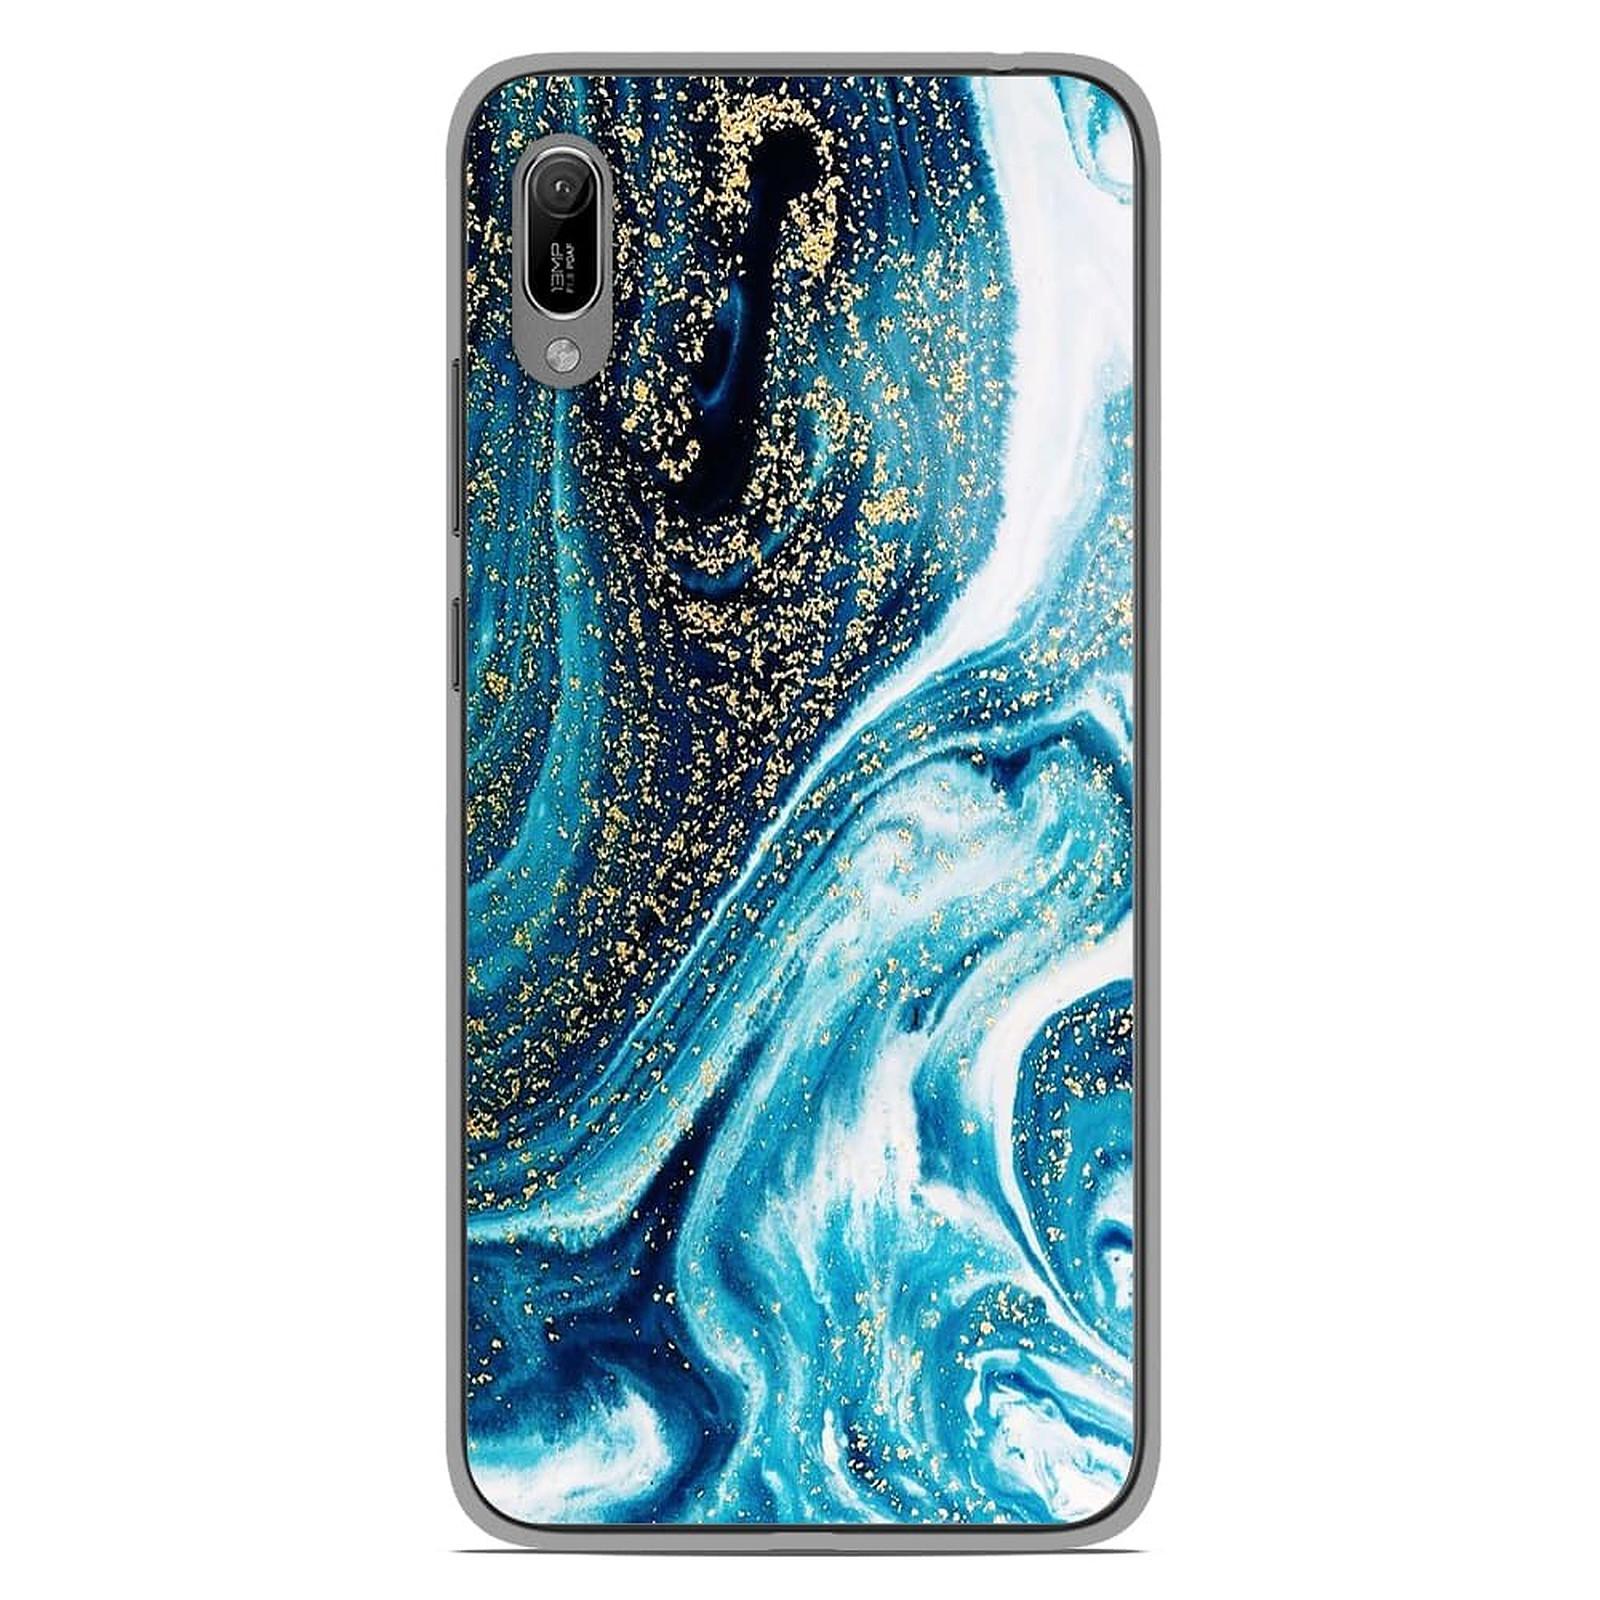 1001 Coques Coque silicone gel Huawei Y6 2019 motif Marbre Bleu Pailleté